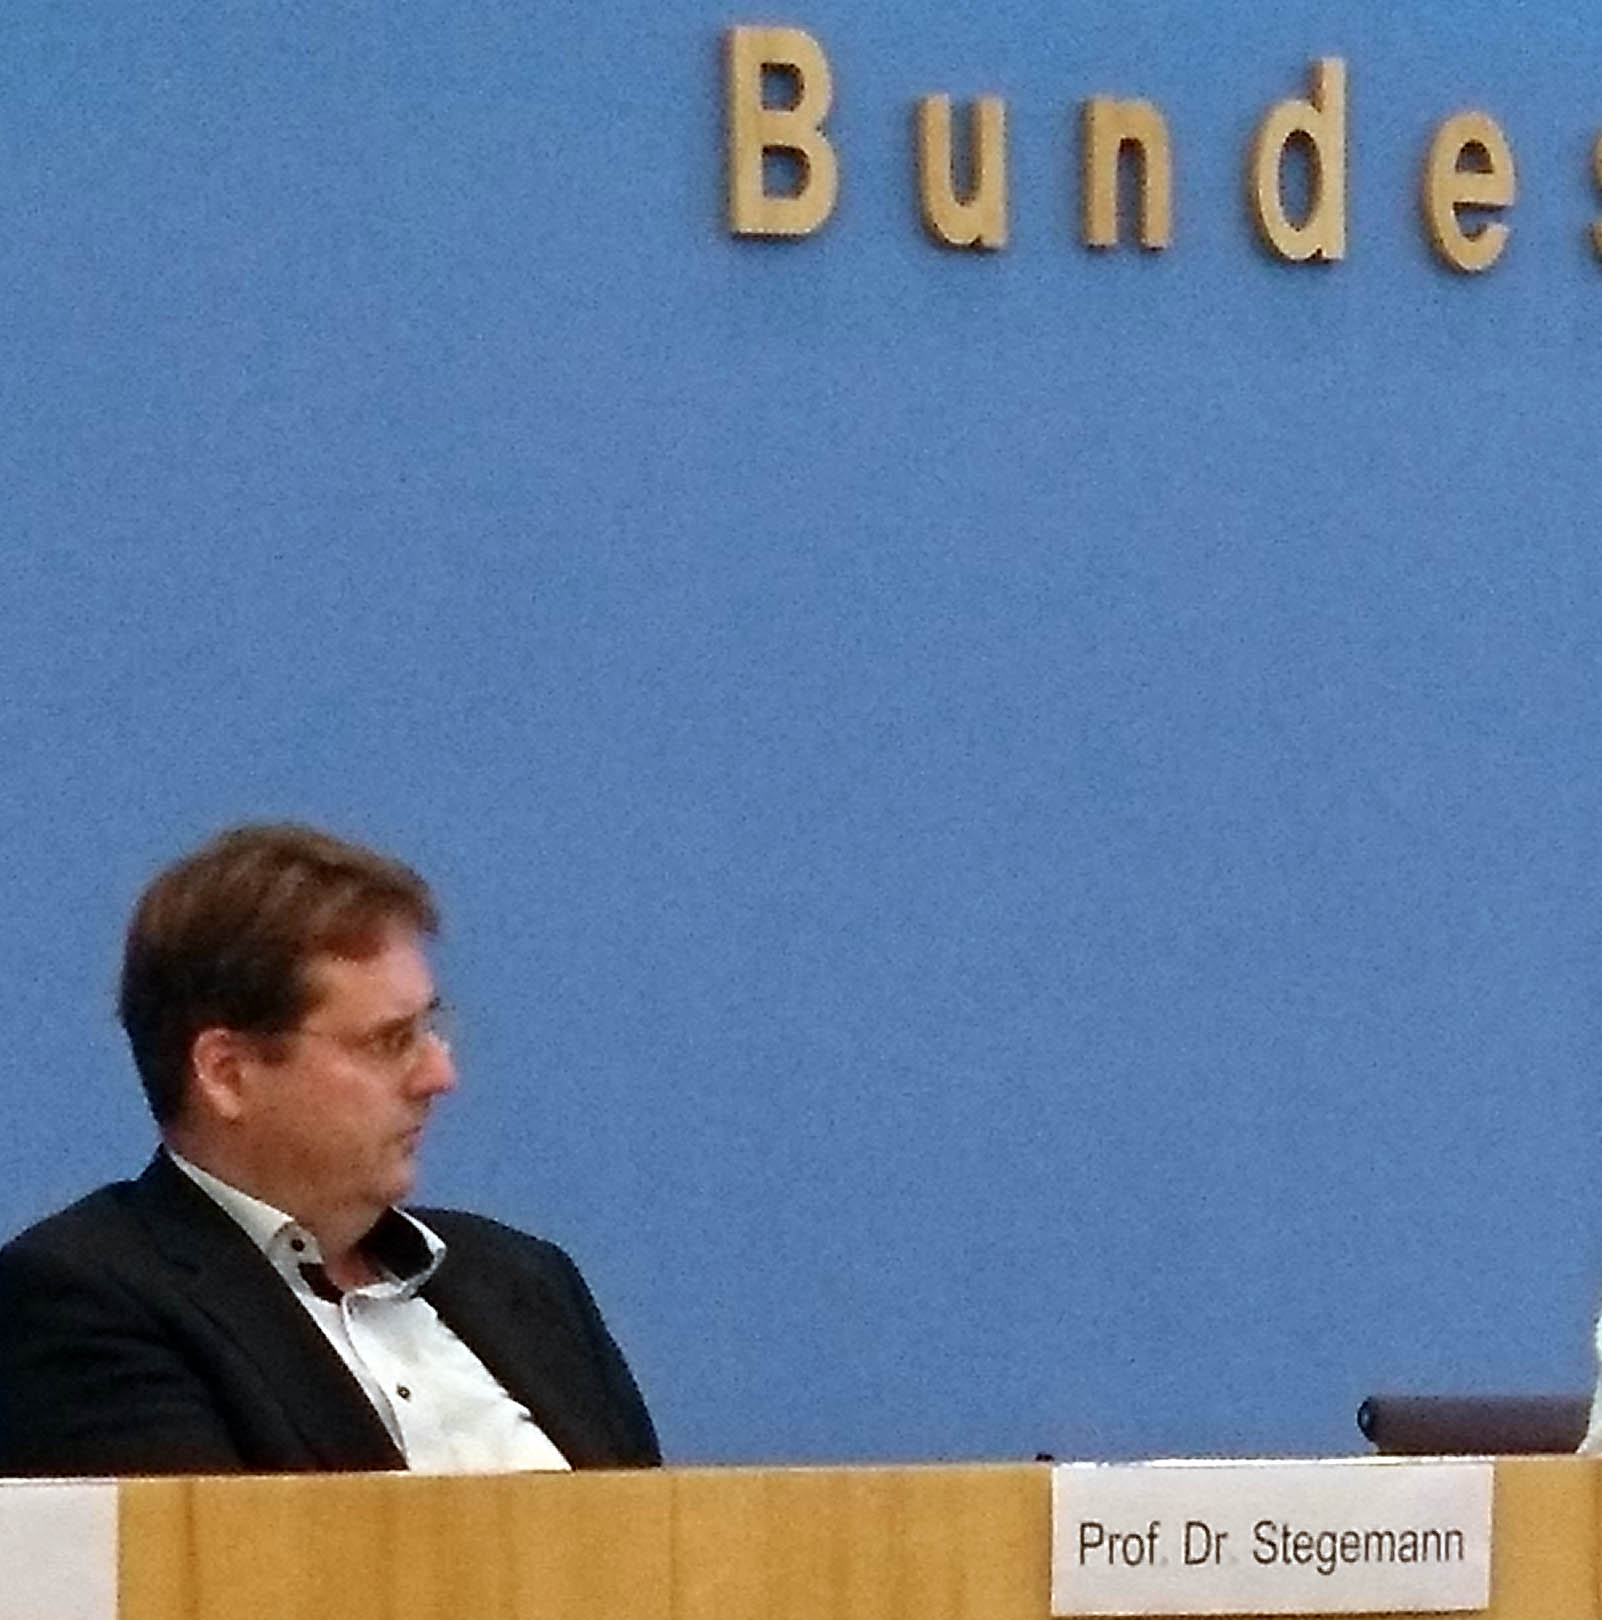 Ungewohnte Umgebung: Bernd Stegemann auf dem Podium der Bundespressekonferenz